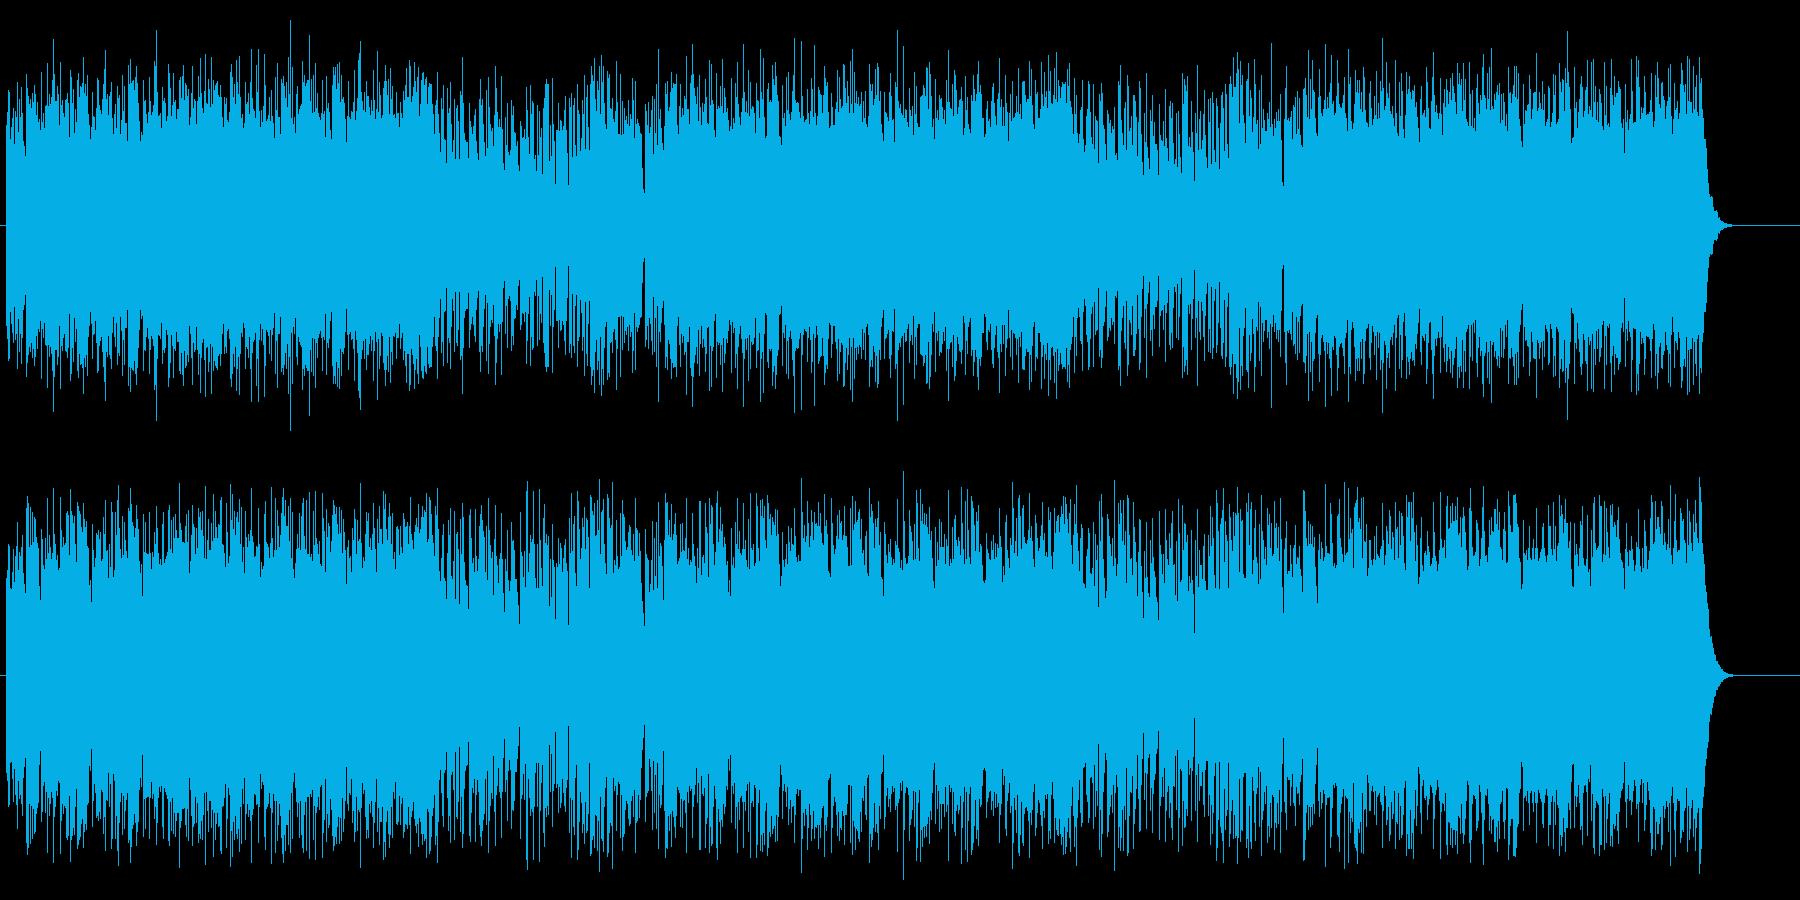 晴れ渡ったイメージのポップ/フュージョンの再生済みの波形